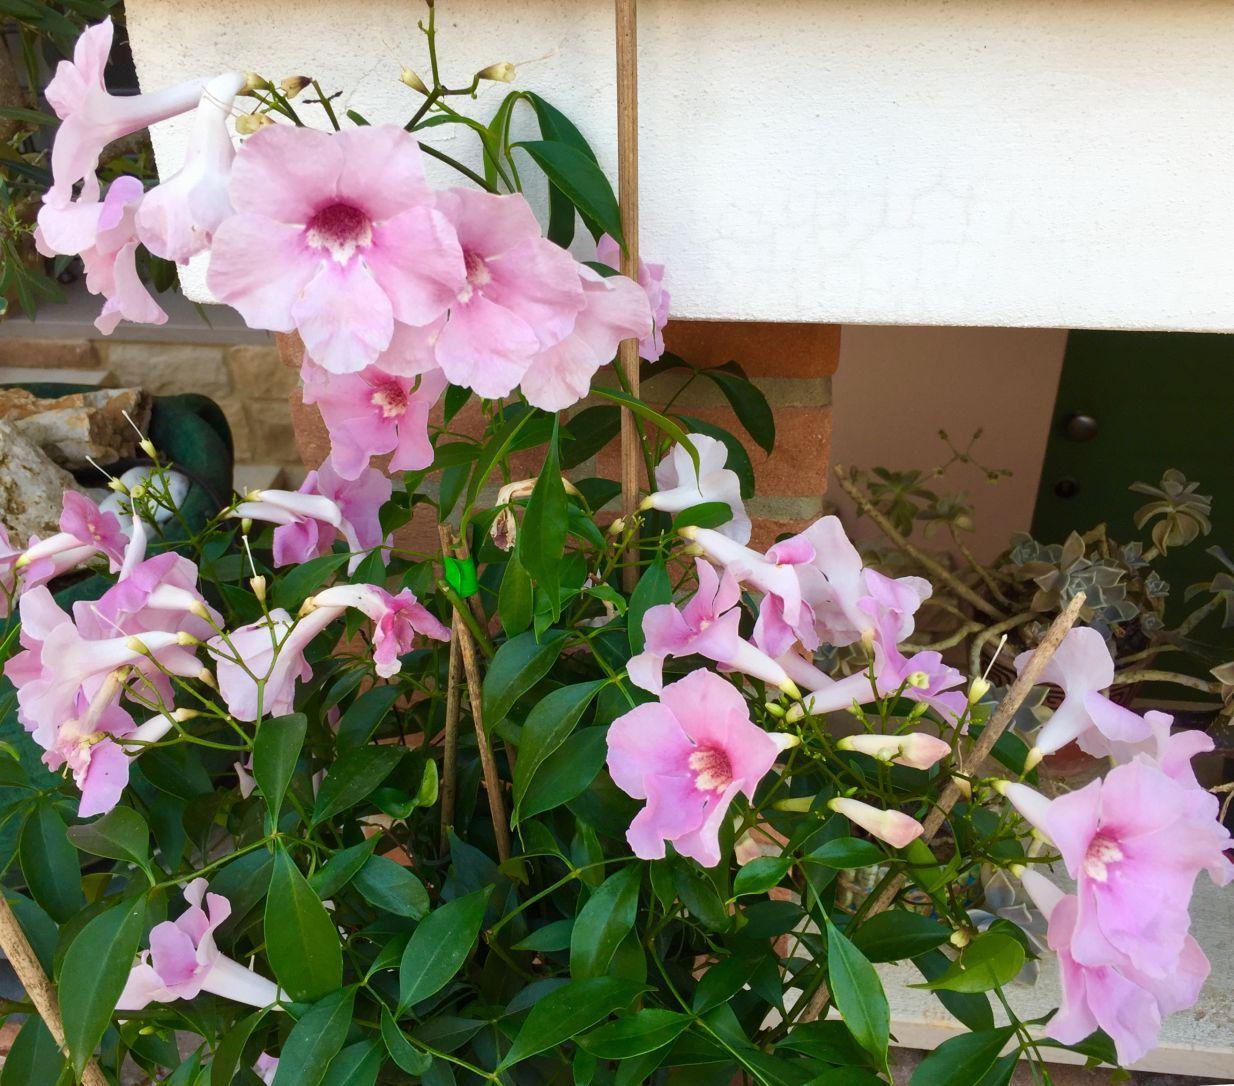 Pandorea pianta rampicante da fiore - fioritura generosa e ...